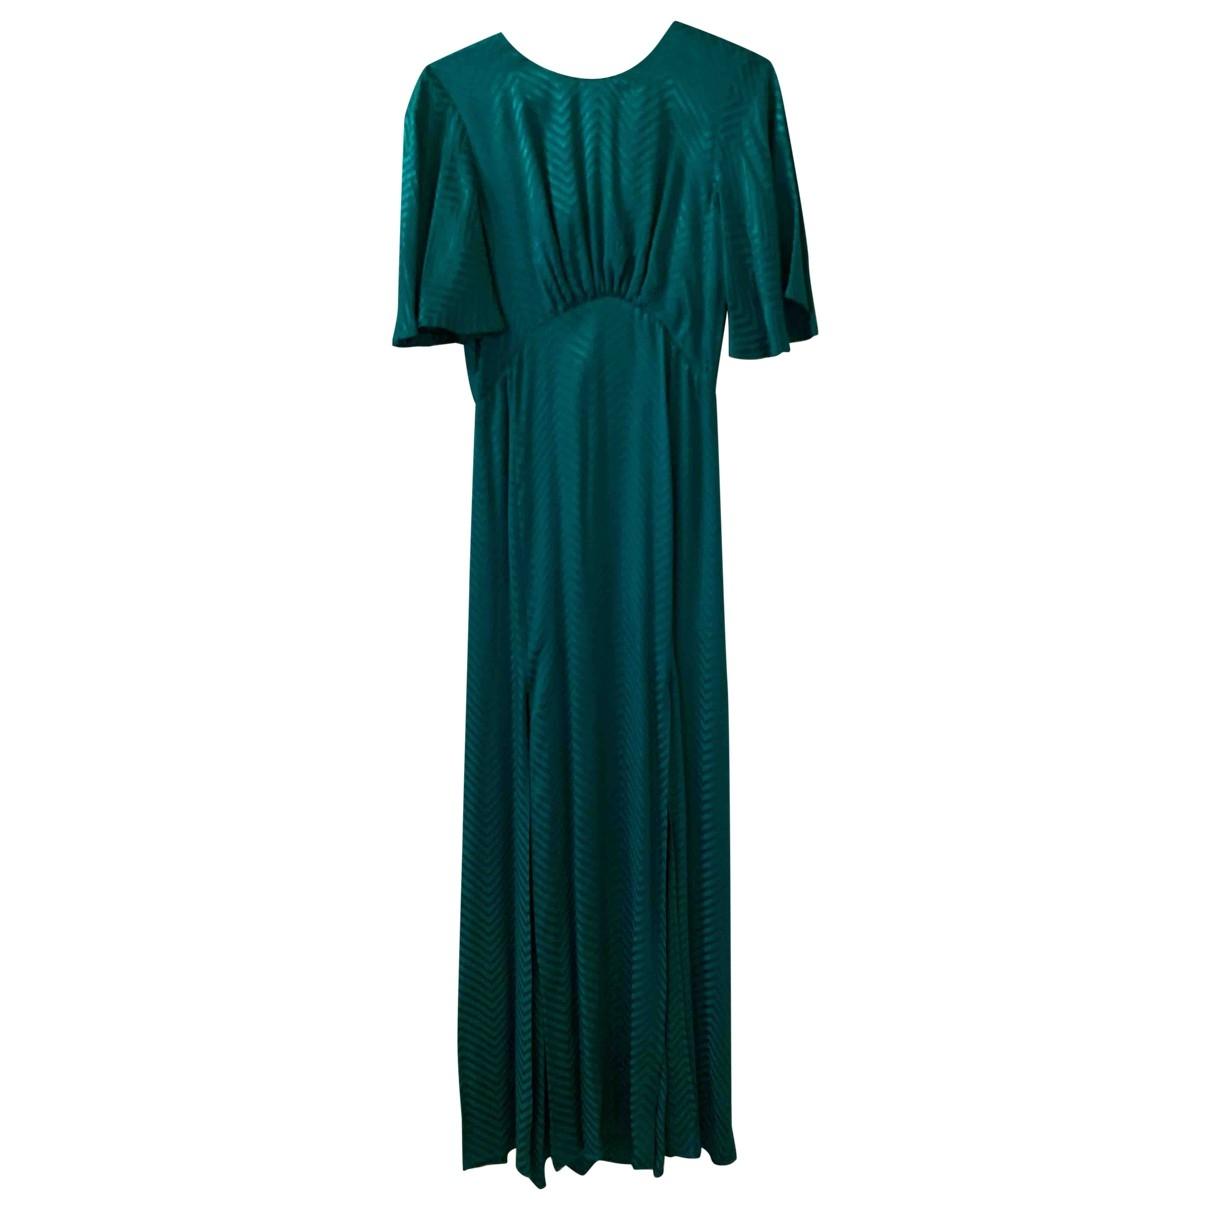 Tophop \N Kleid in  Gruen Synthetik